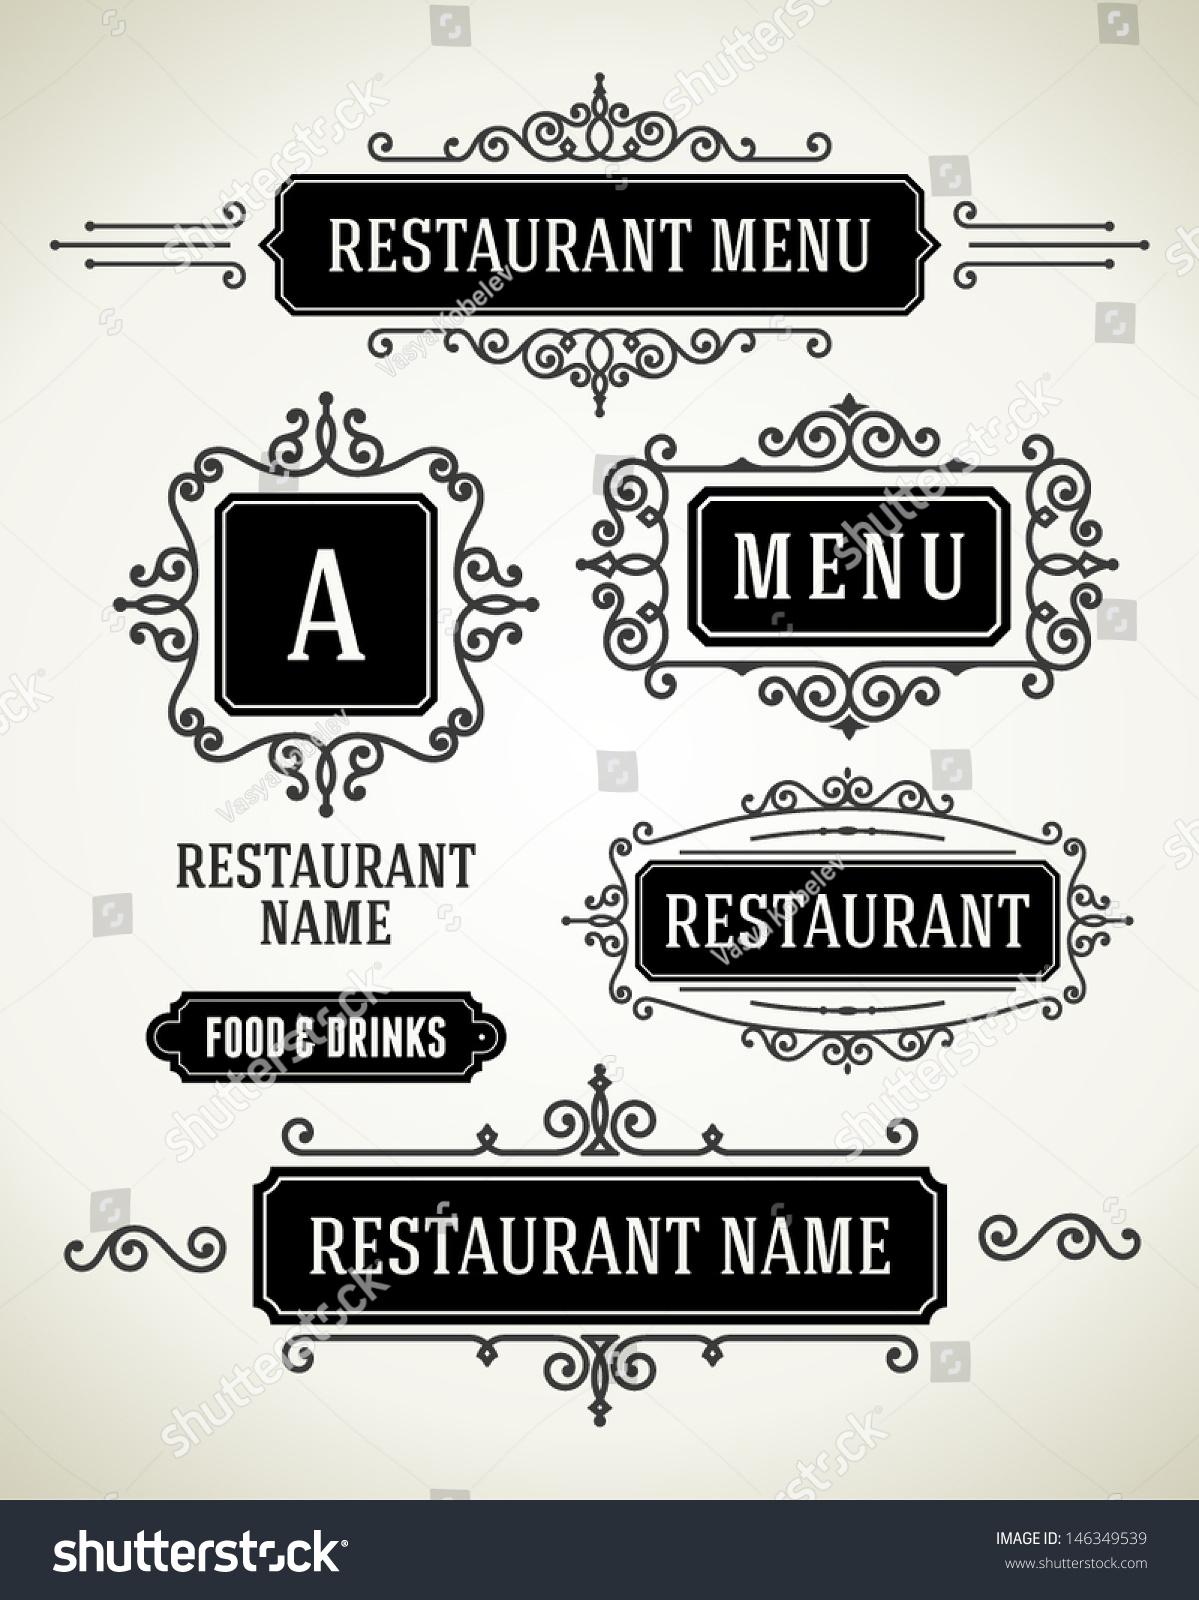 餐厅或咖啡厅菜单矢量设计风格的老式套.一夜暴富的